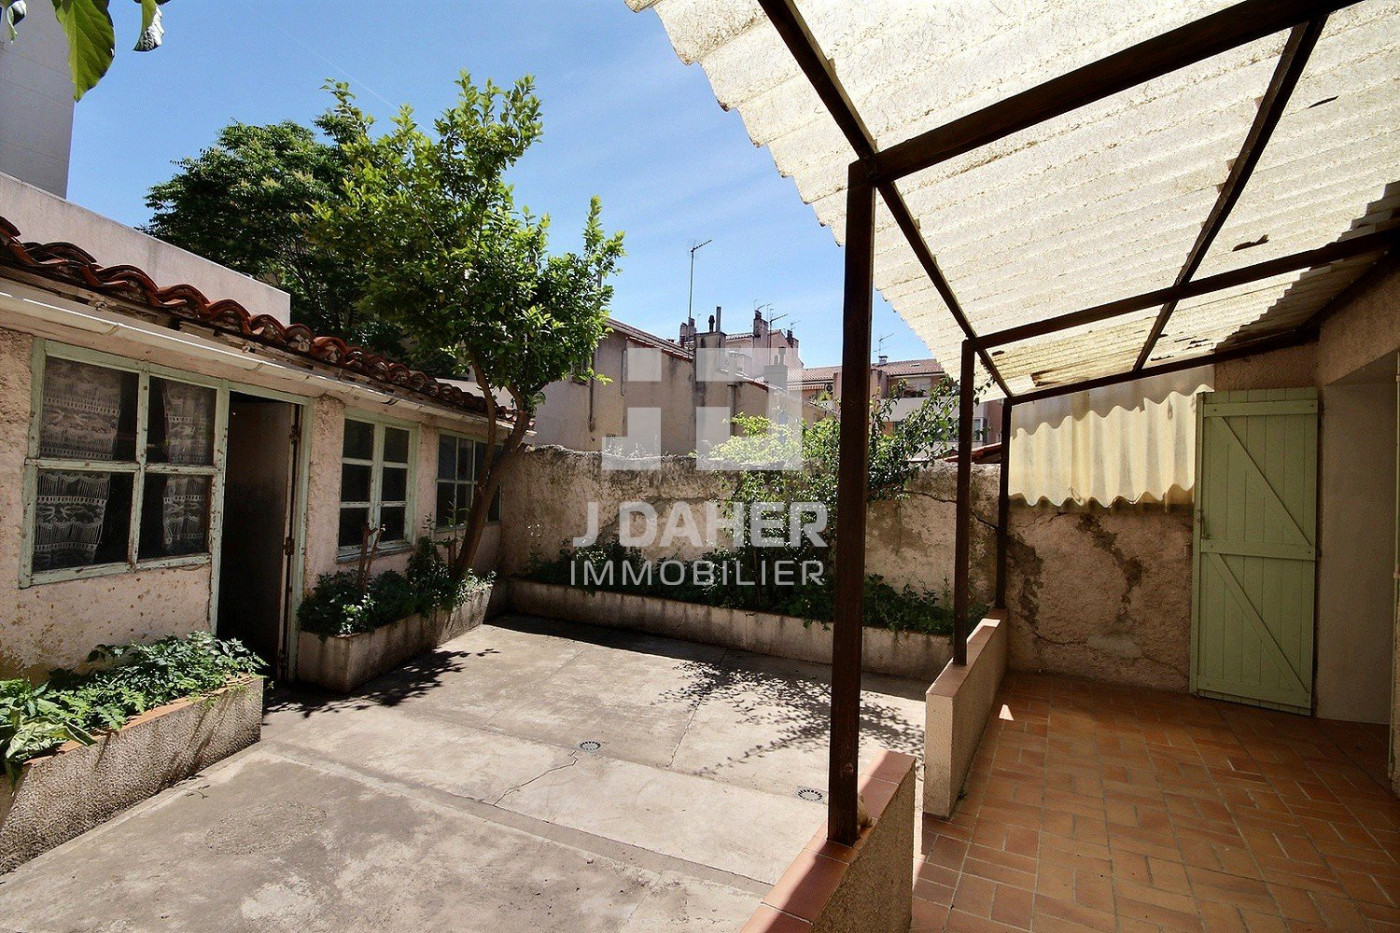 A vendre  Marseille 8eme Arrondissement   Réf 13025944 - J daher immobilier